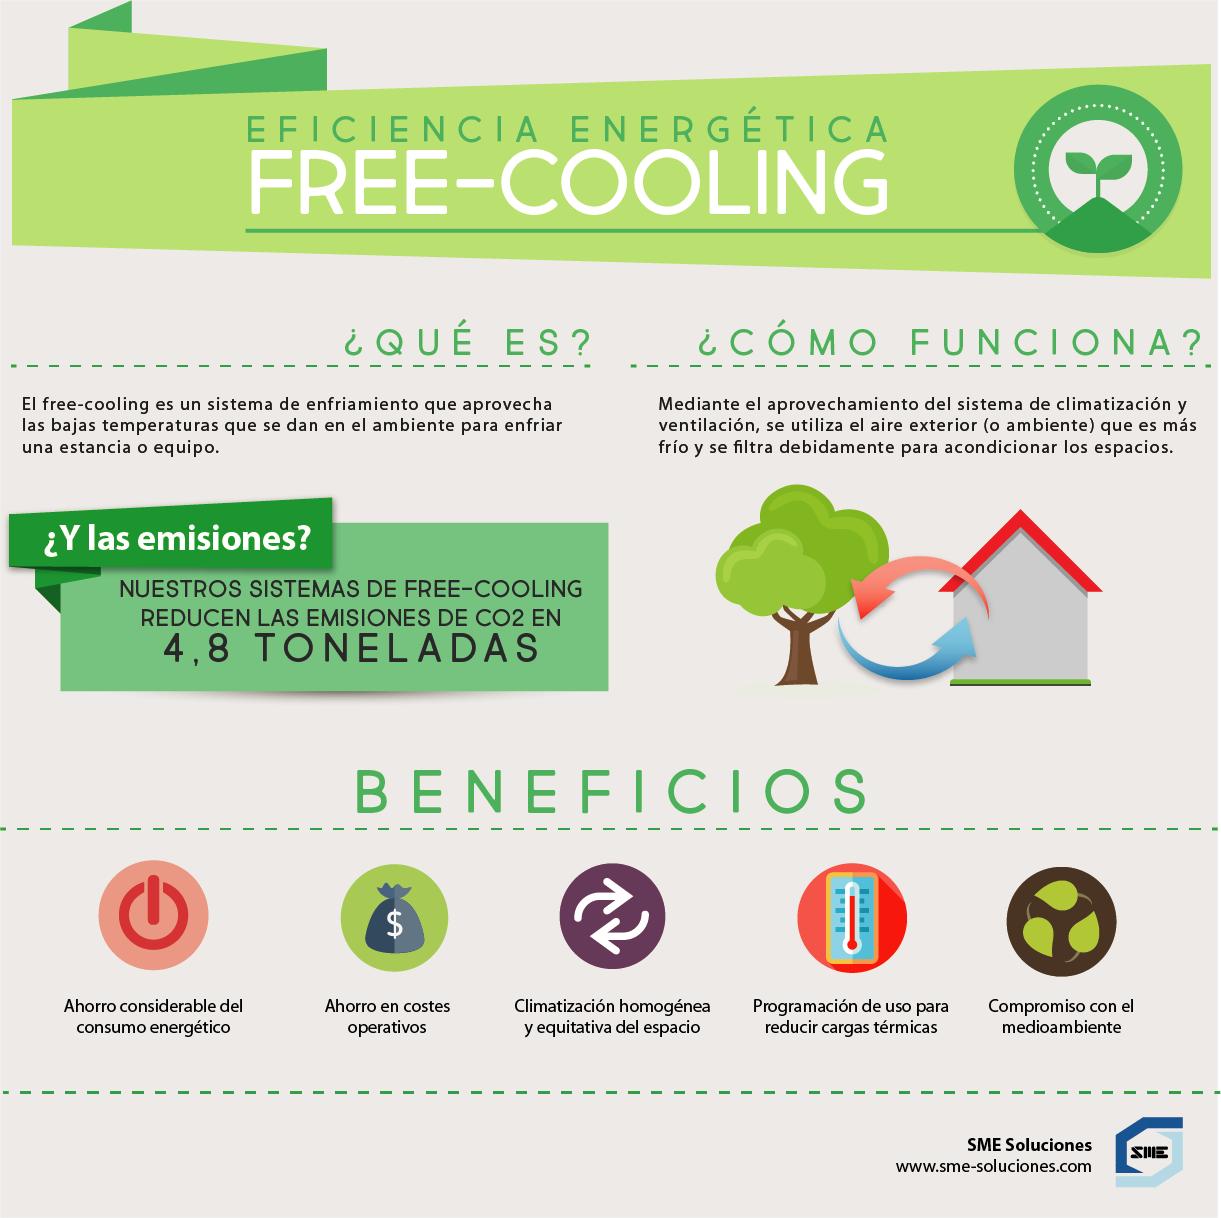 Los beneficios del free-cooling